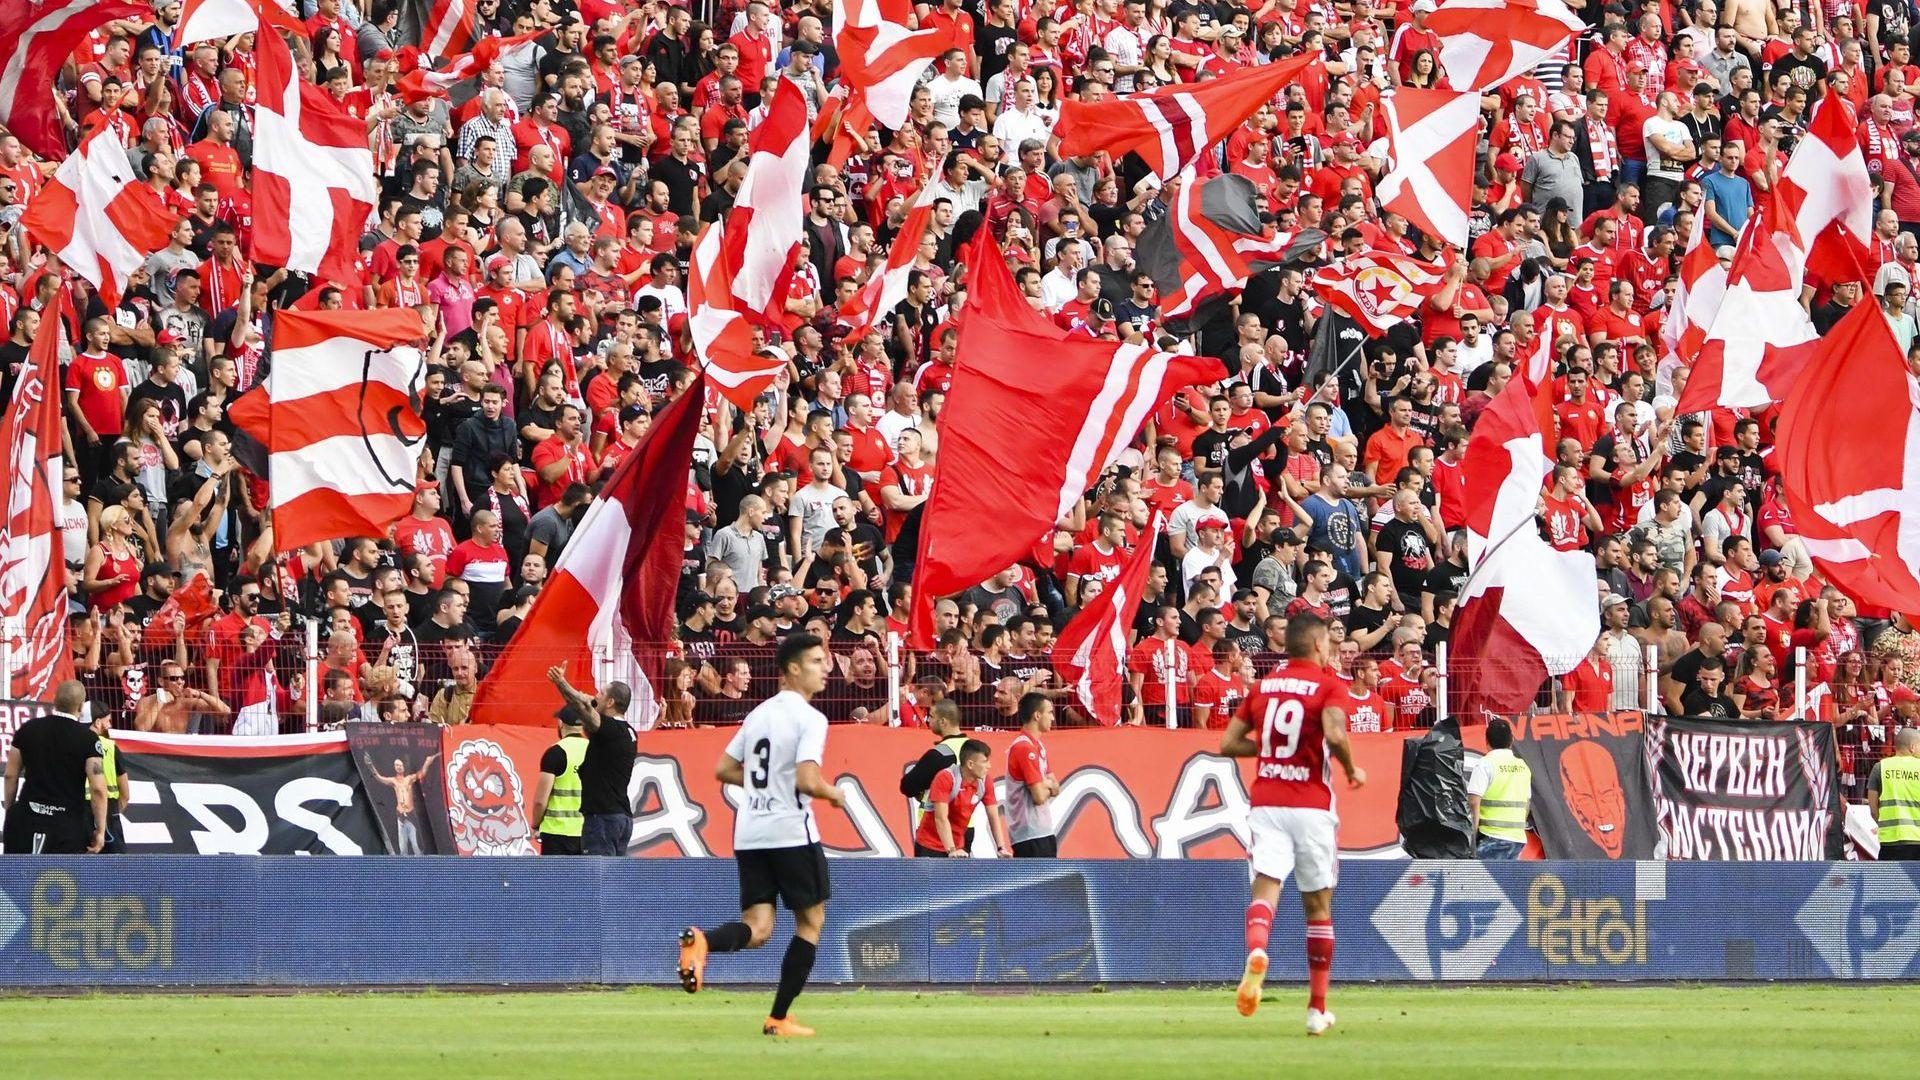 Лудост за билети преди европейския мач на ЦСКА в четвъртък